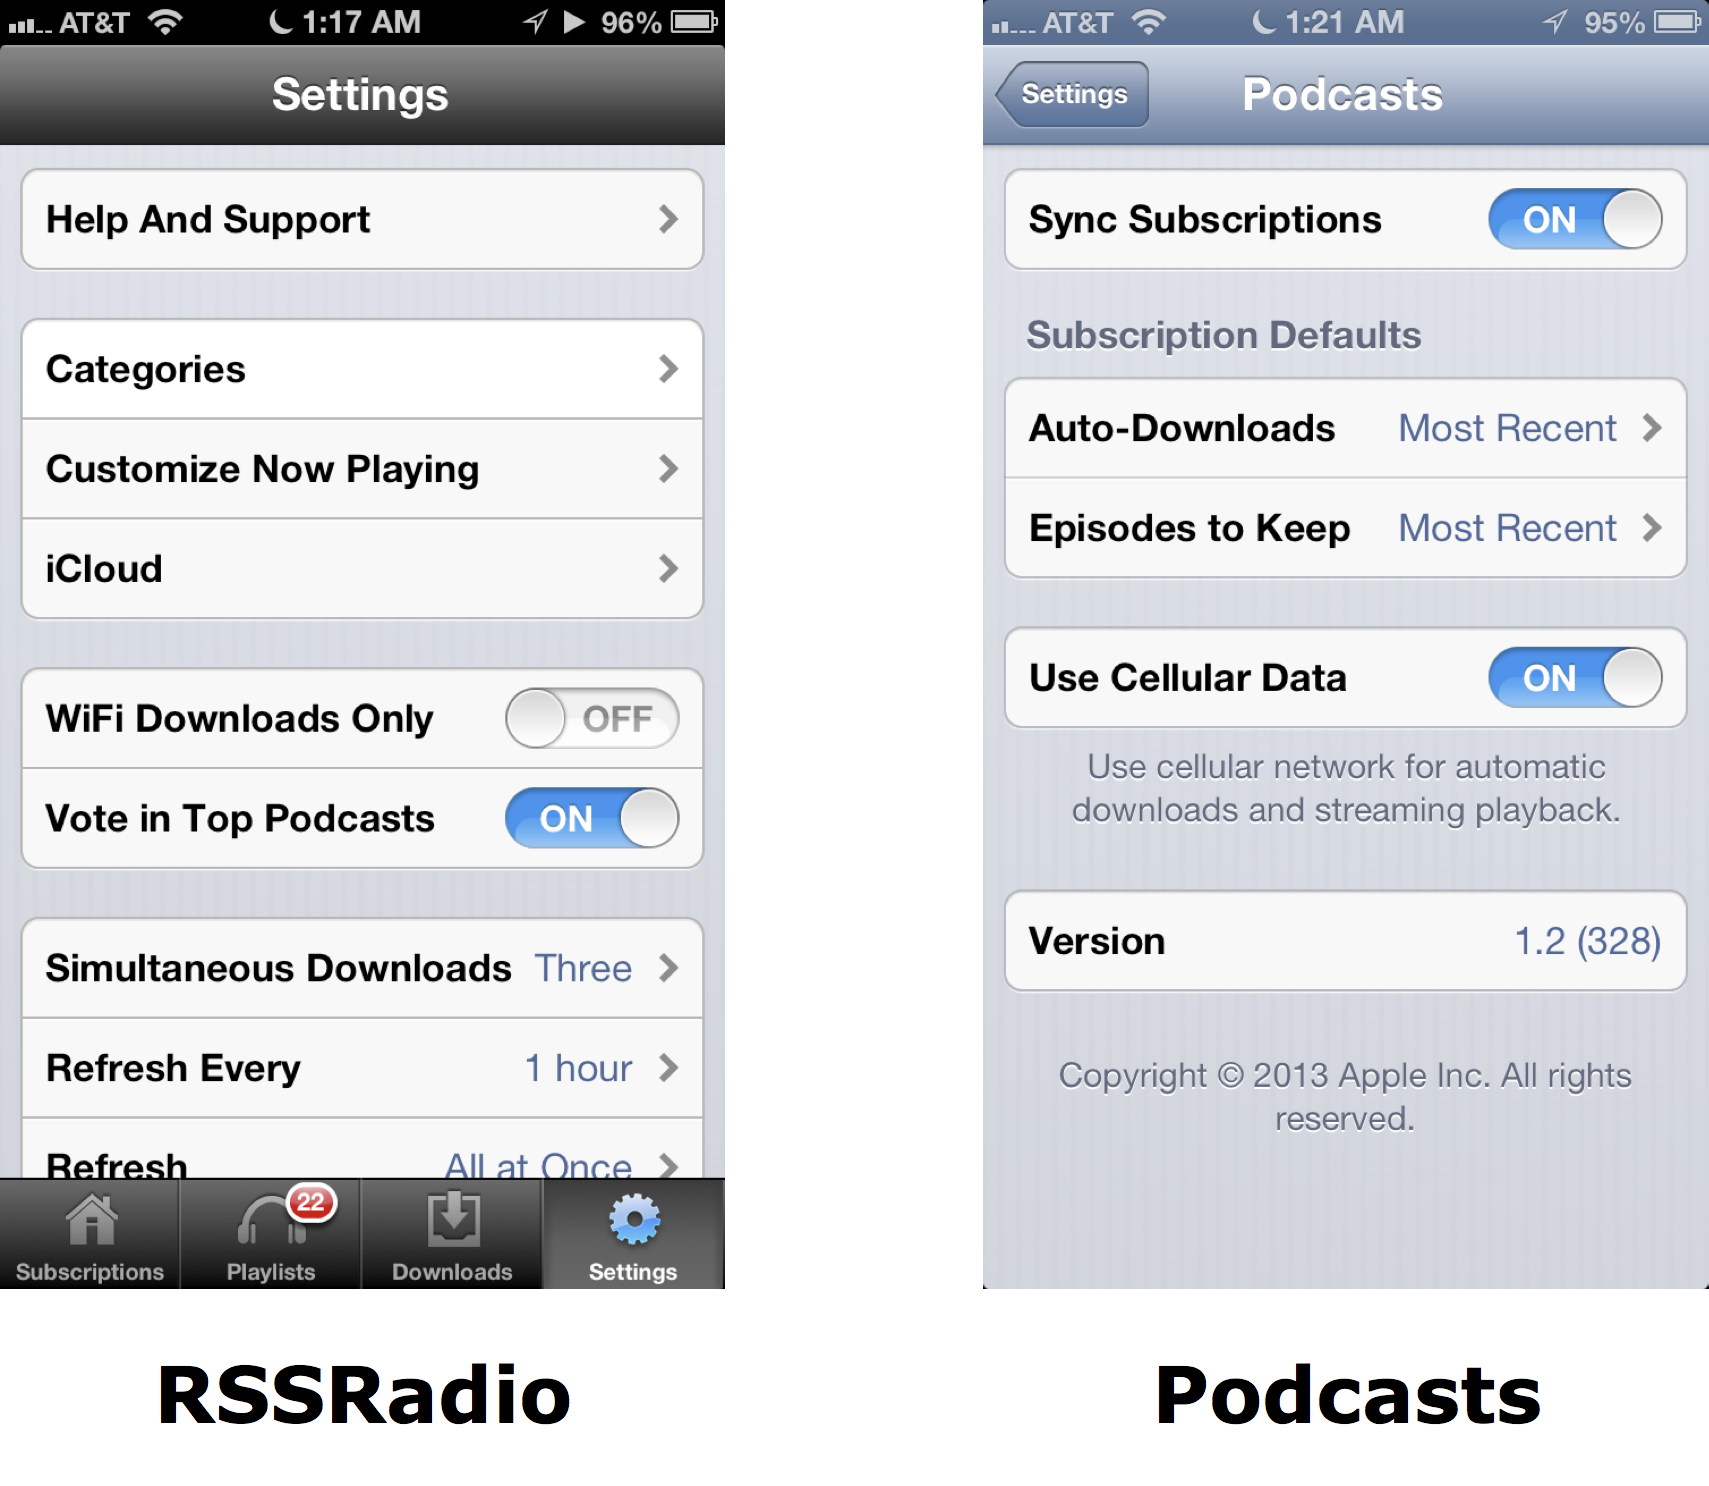 Download Settings